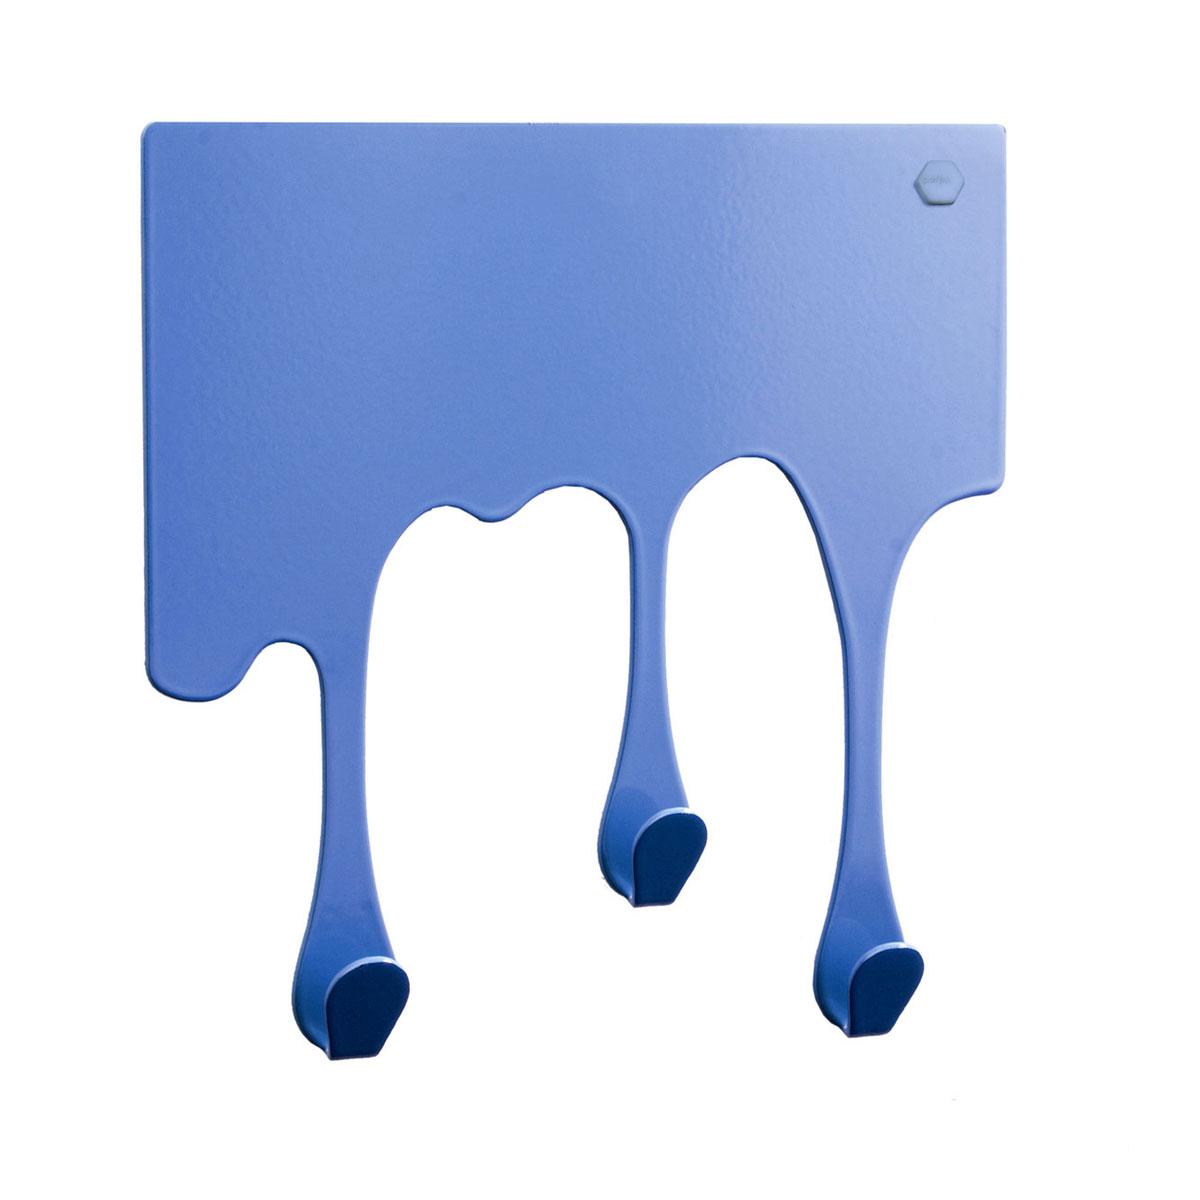 Appelius_Drop_XS_blue